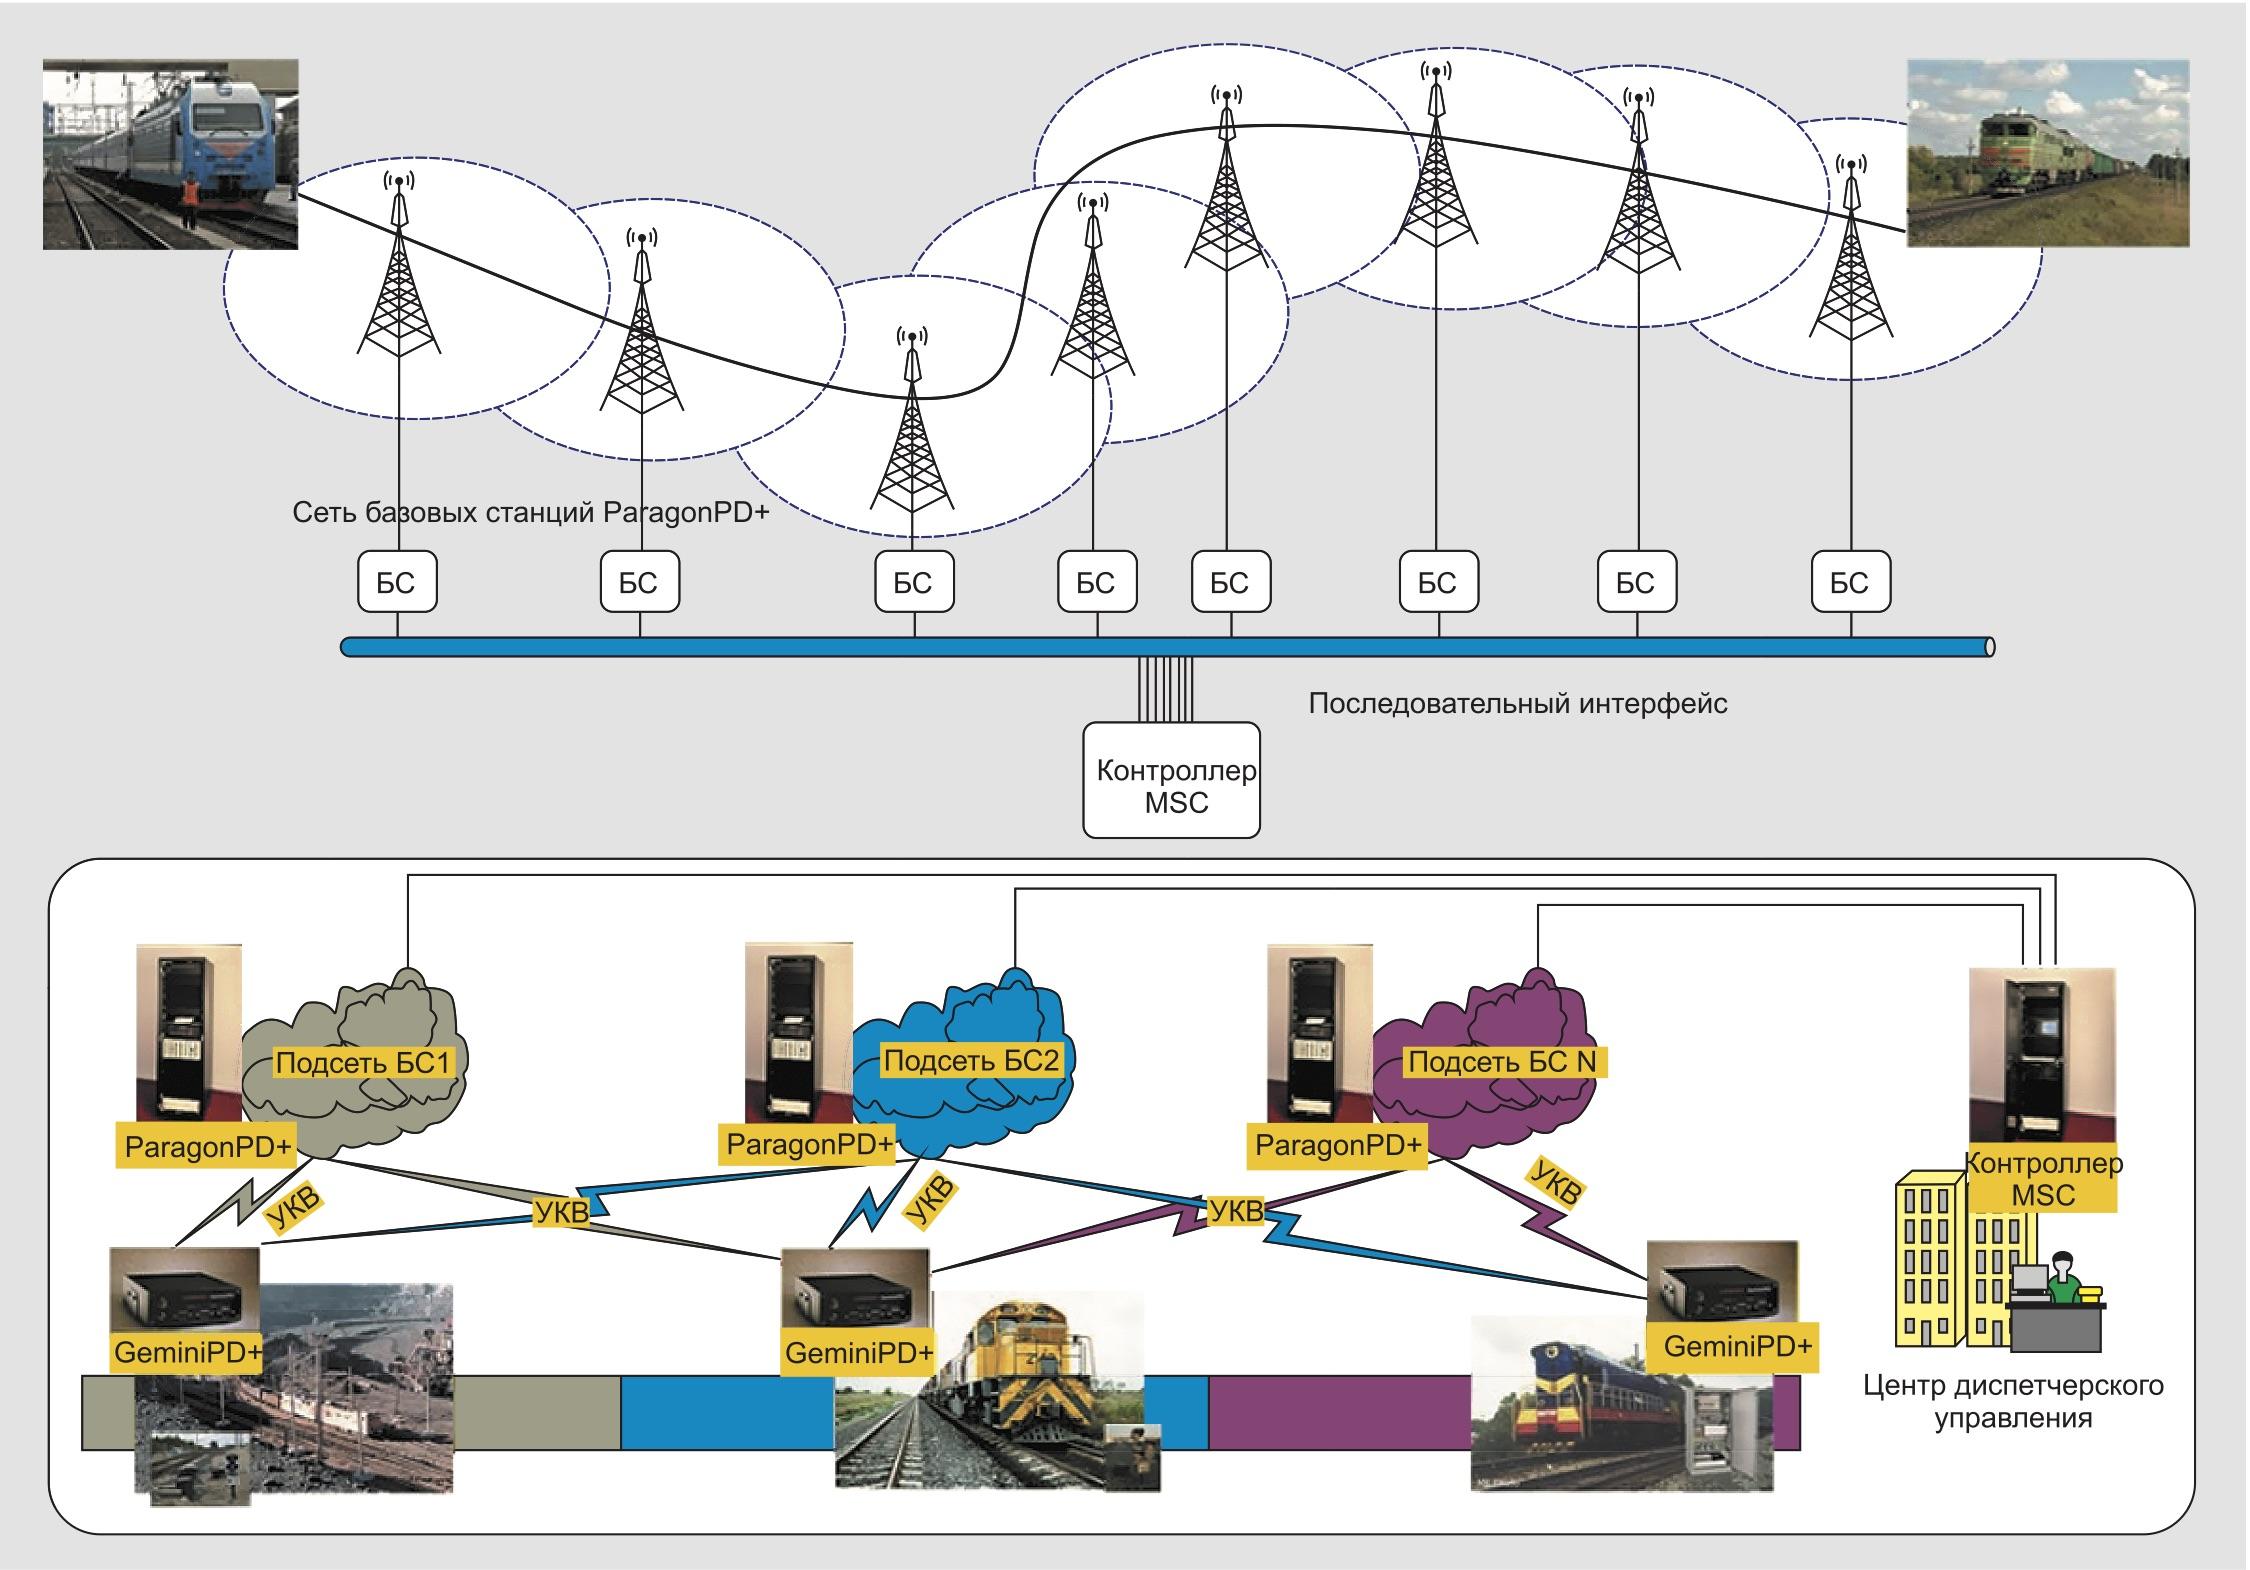 хема конвенциональной технологической радиосети обмена данными повышенной надежности и живучести для АСУ на железнодорожном транспорте на базе радиомодемов Dataradio ParagonPD+/GeminiPD+